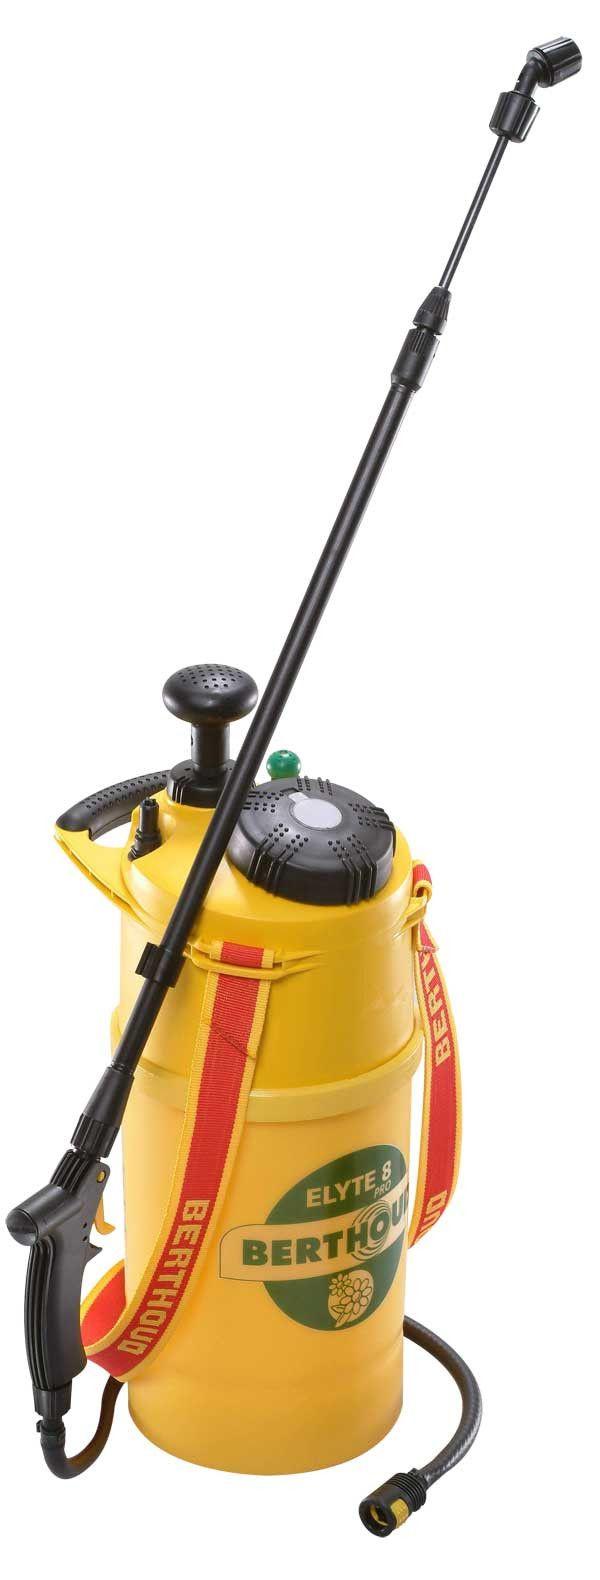 Berthoud Elyte 8L Pump Sprayer